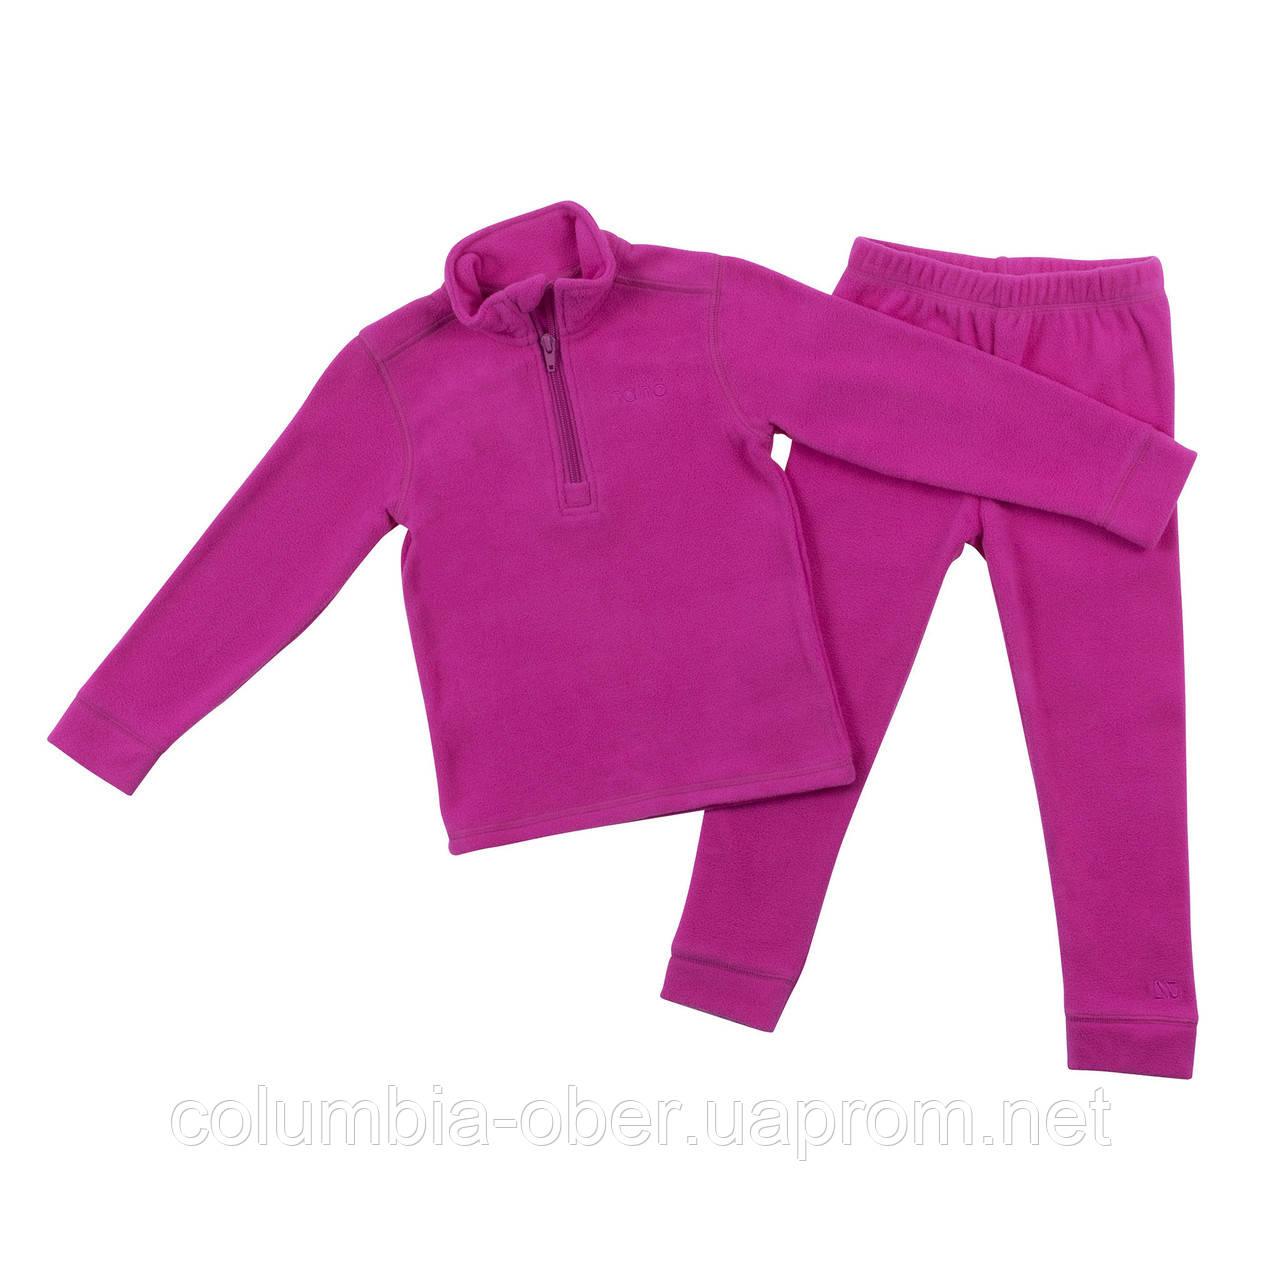 Флисовый костюм для девочки NANO BUWP600-F18 Mauve Rose. Размеры 2-12.